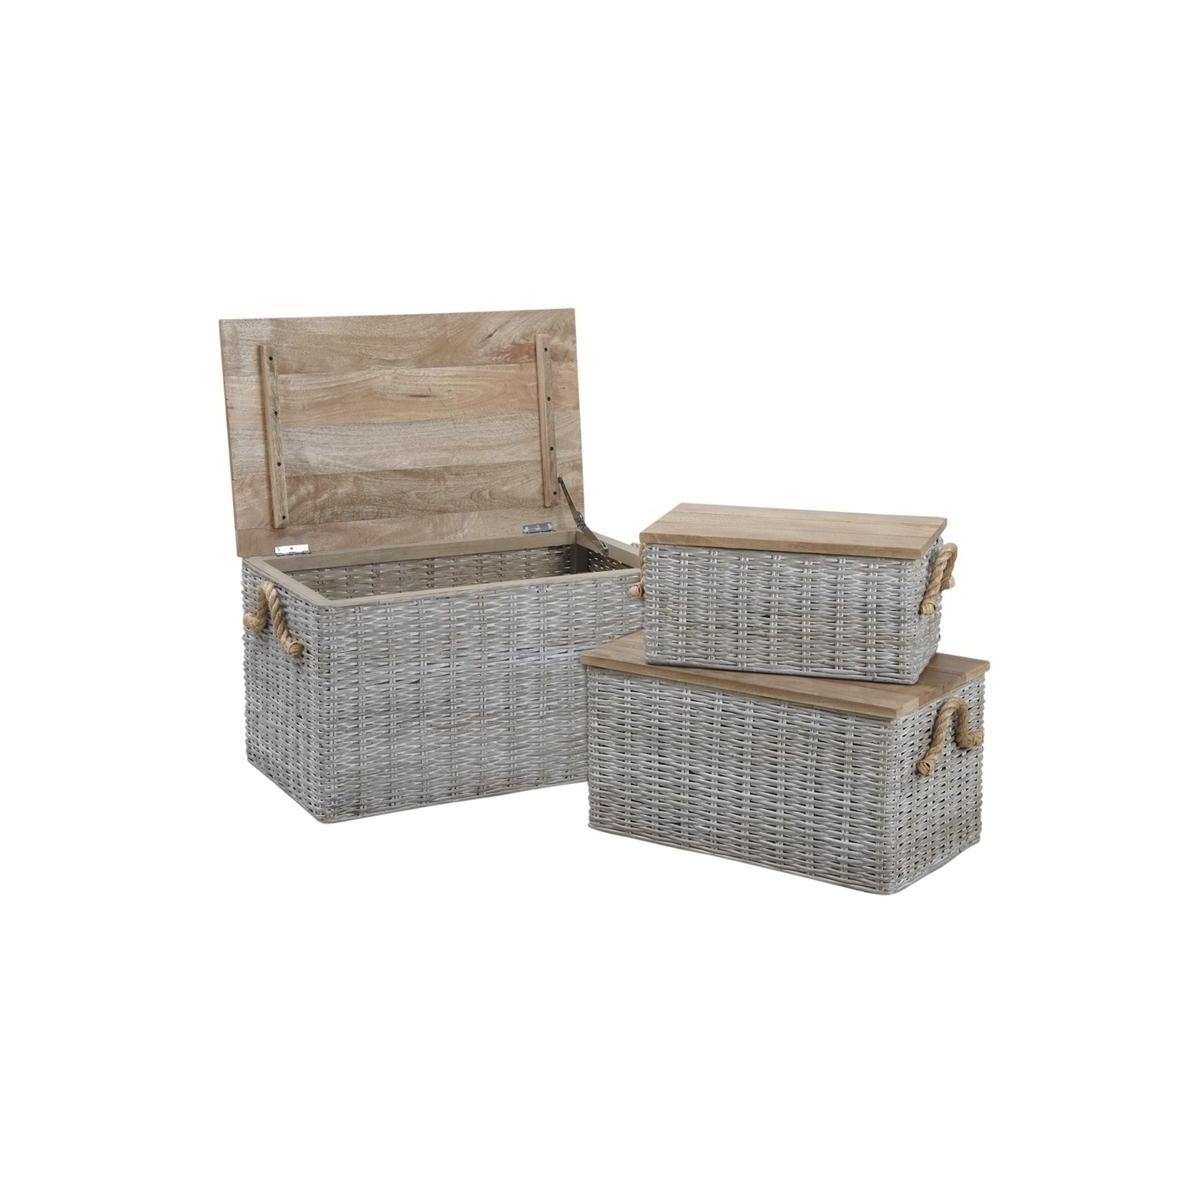 coffre en osier avec couvercle. Black Bedroom Furniture Sets. Home Design Ideas